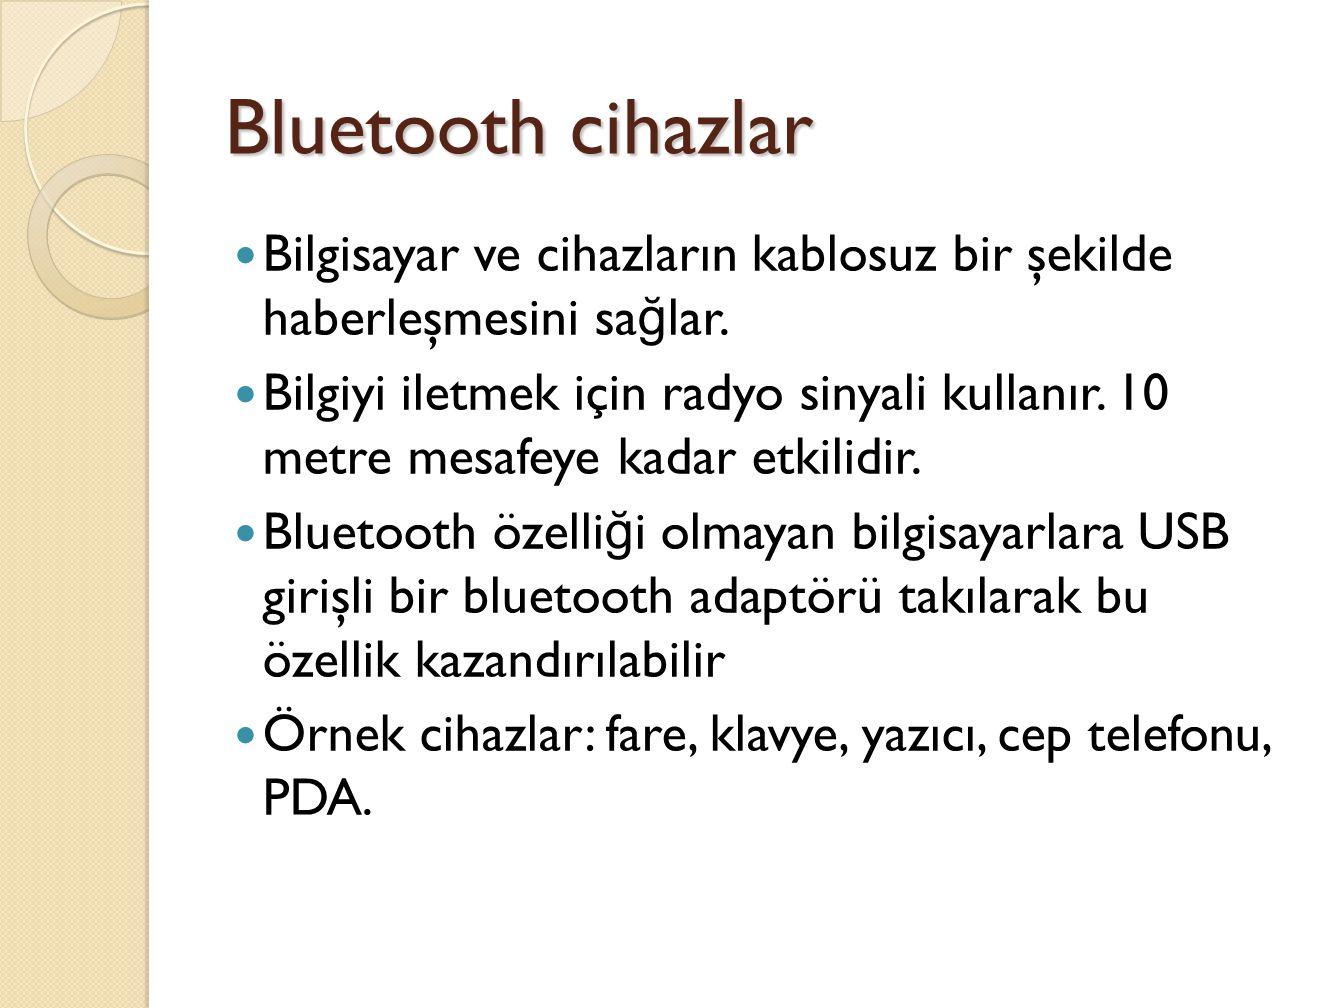 Bluetooth cihazlar Bilgisayar ve cihazların kablosuz bir şekilde haberleşmesini sağlar.